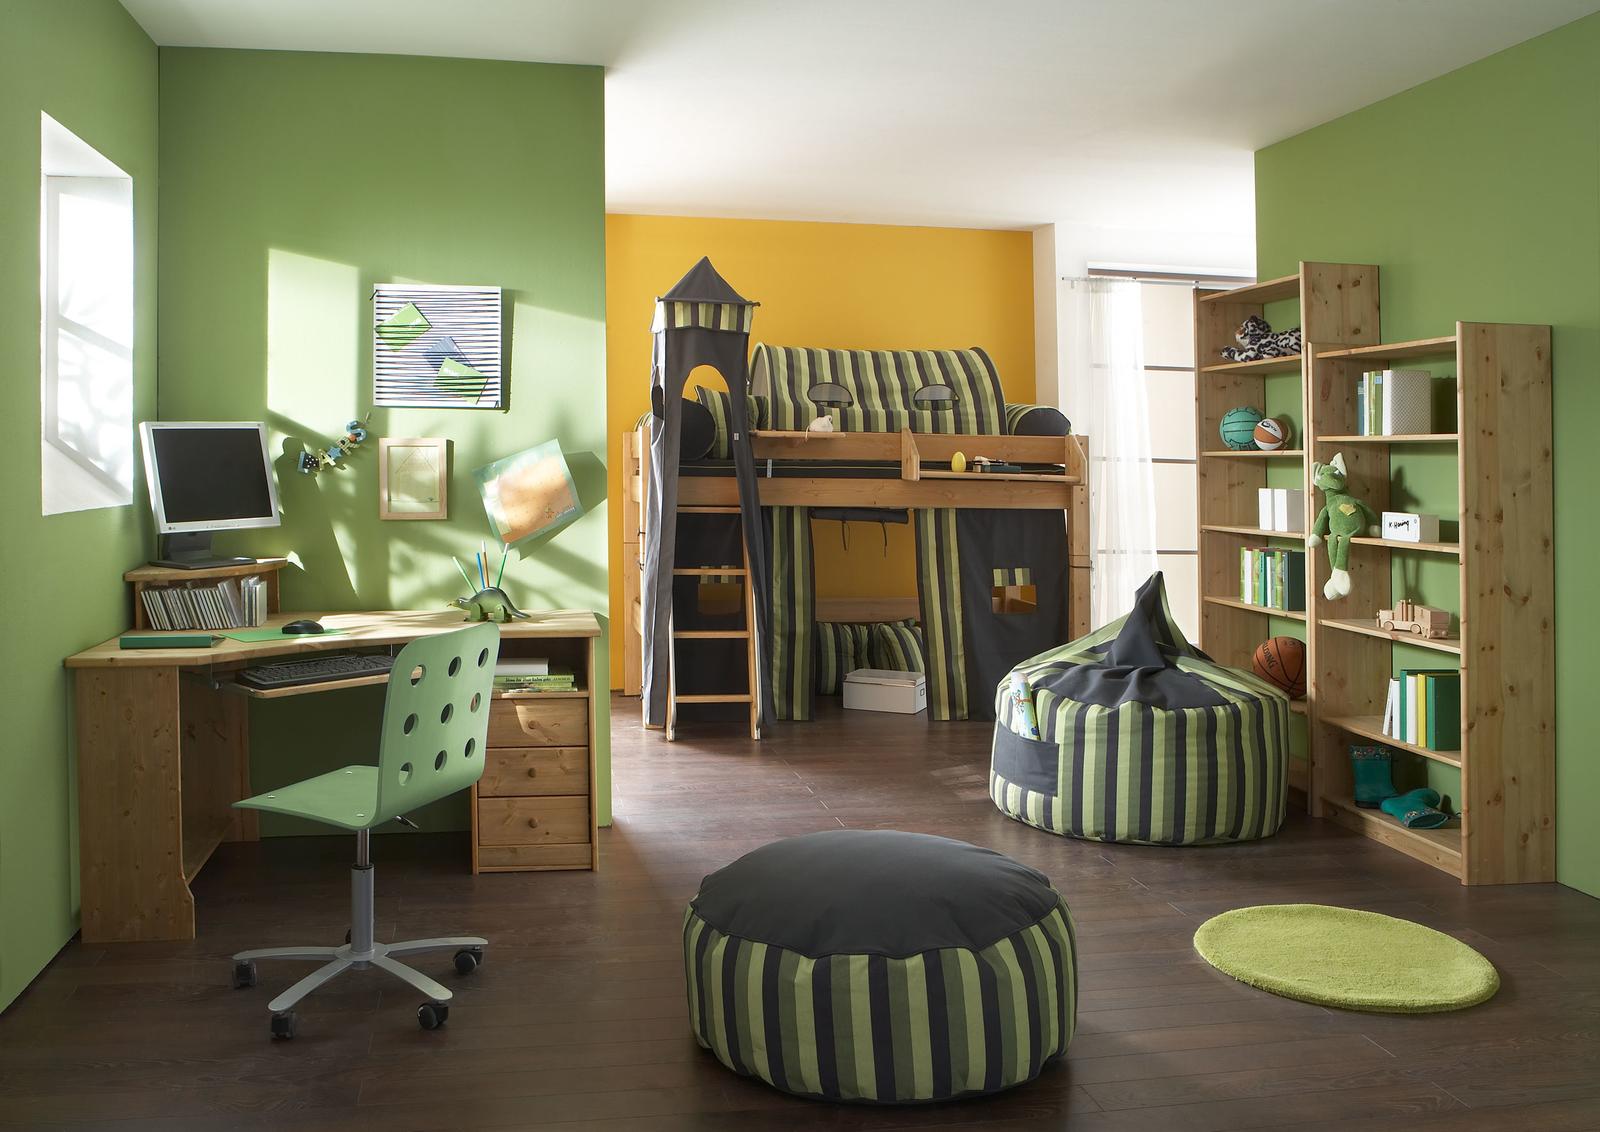 Full Size of Hochbett Kinderzimmer Forest Aus Massivholz Von Dolphin Gnstig Regal Regale Weiß Sofa Kinderzimmer Hochbett Kinderzimmer